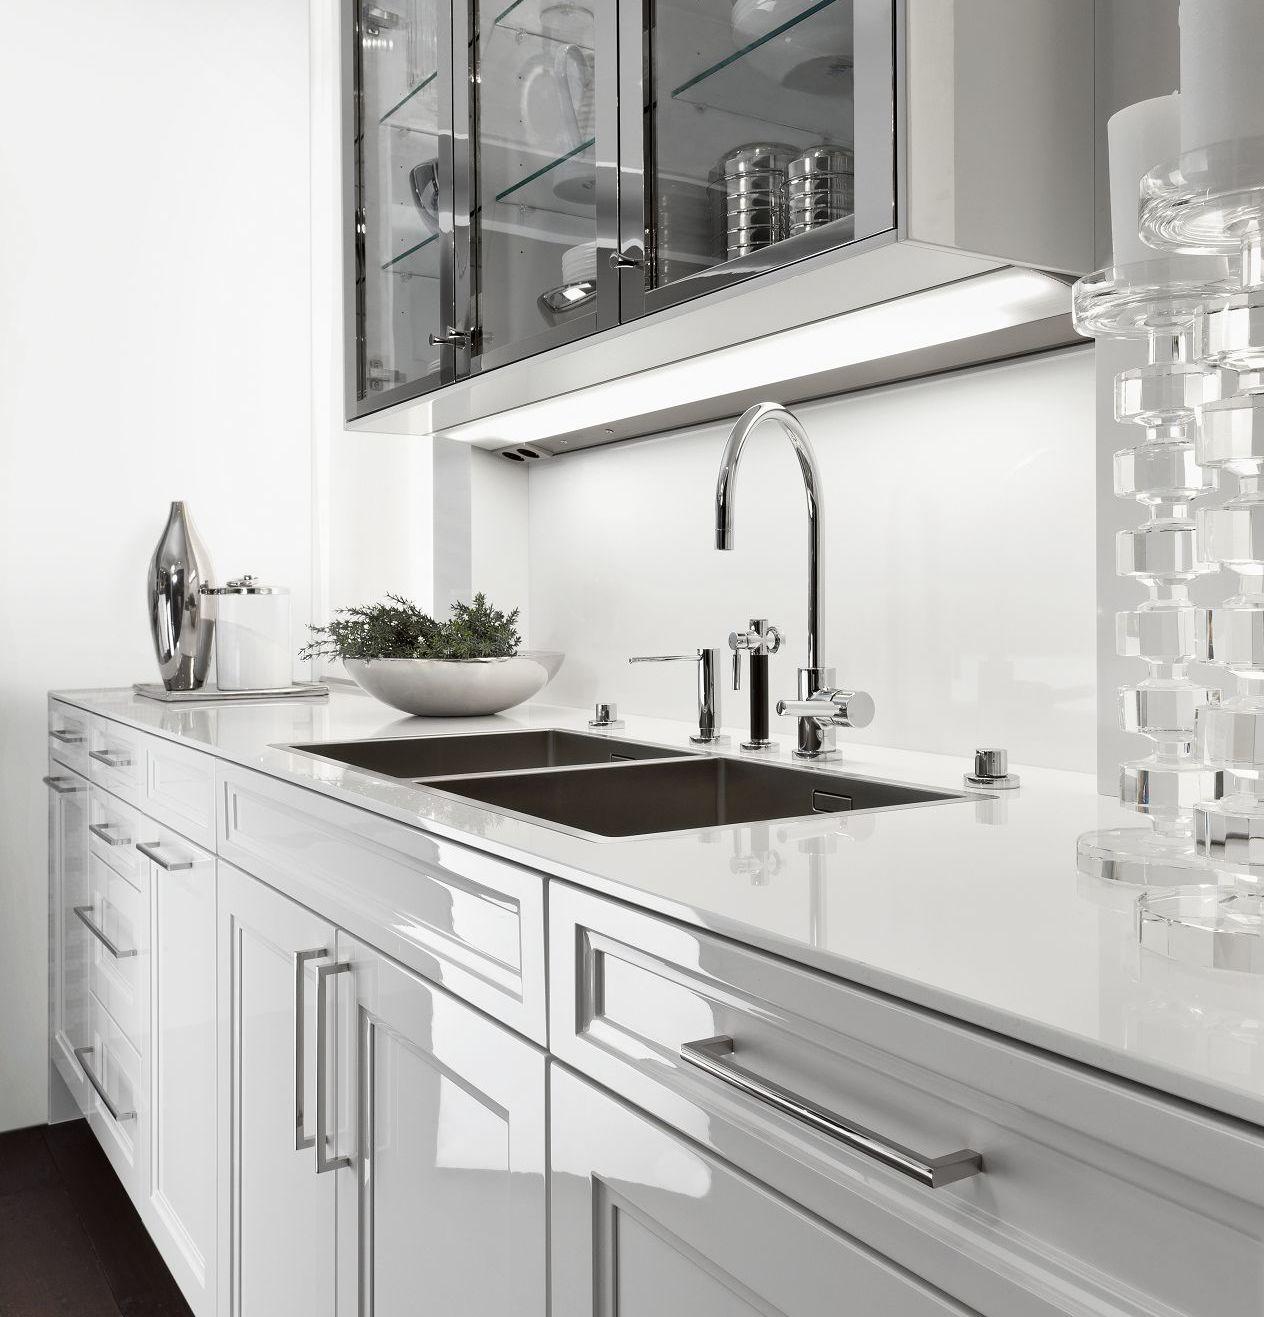 SieMatic Classic BeauxArts S2 Unterschränke in weiß und Oberschrankvitrinen in glänzender Nickel-Ausführung.